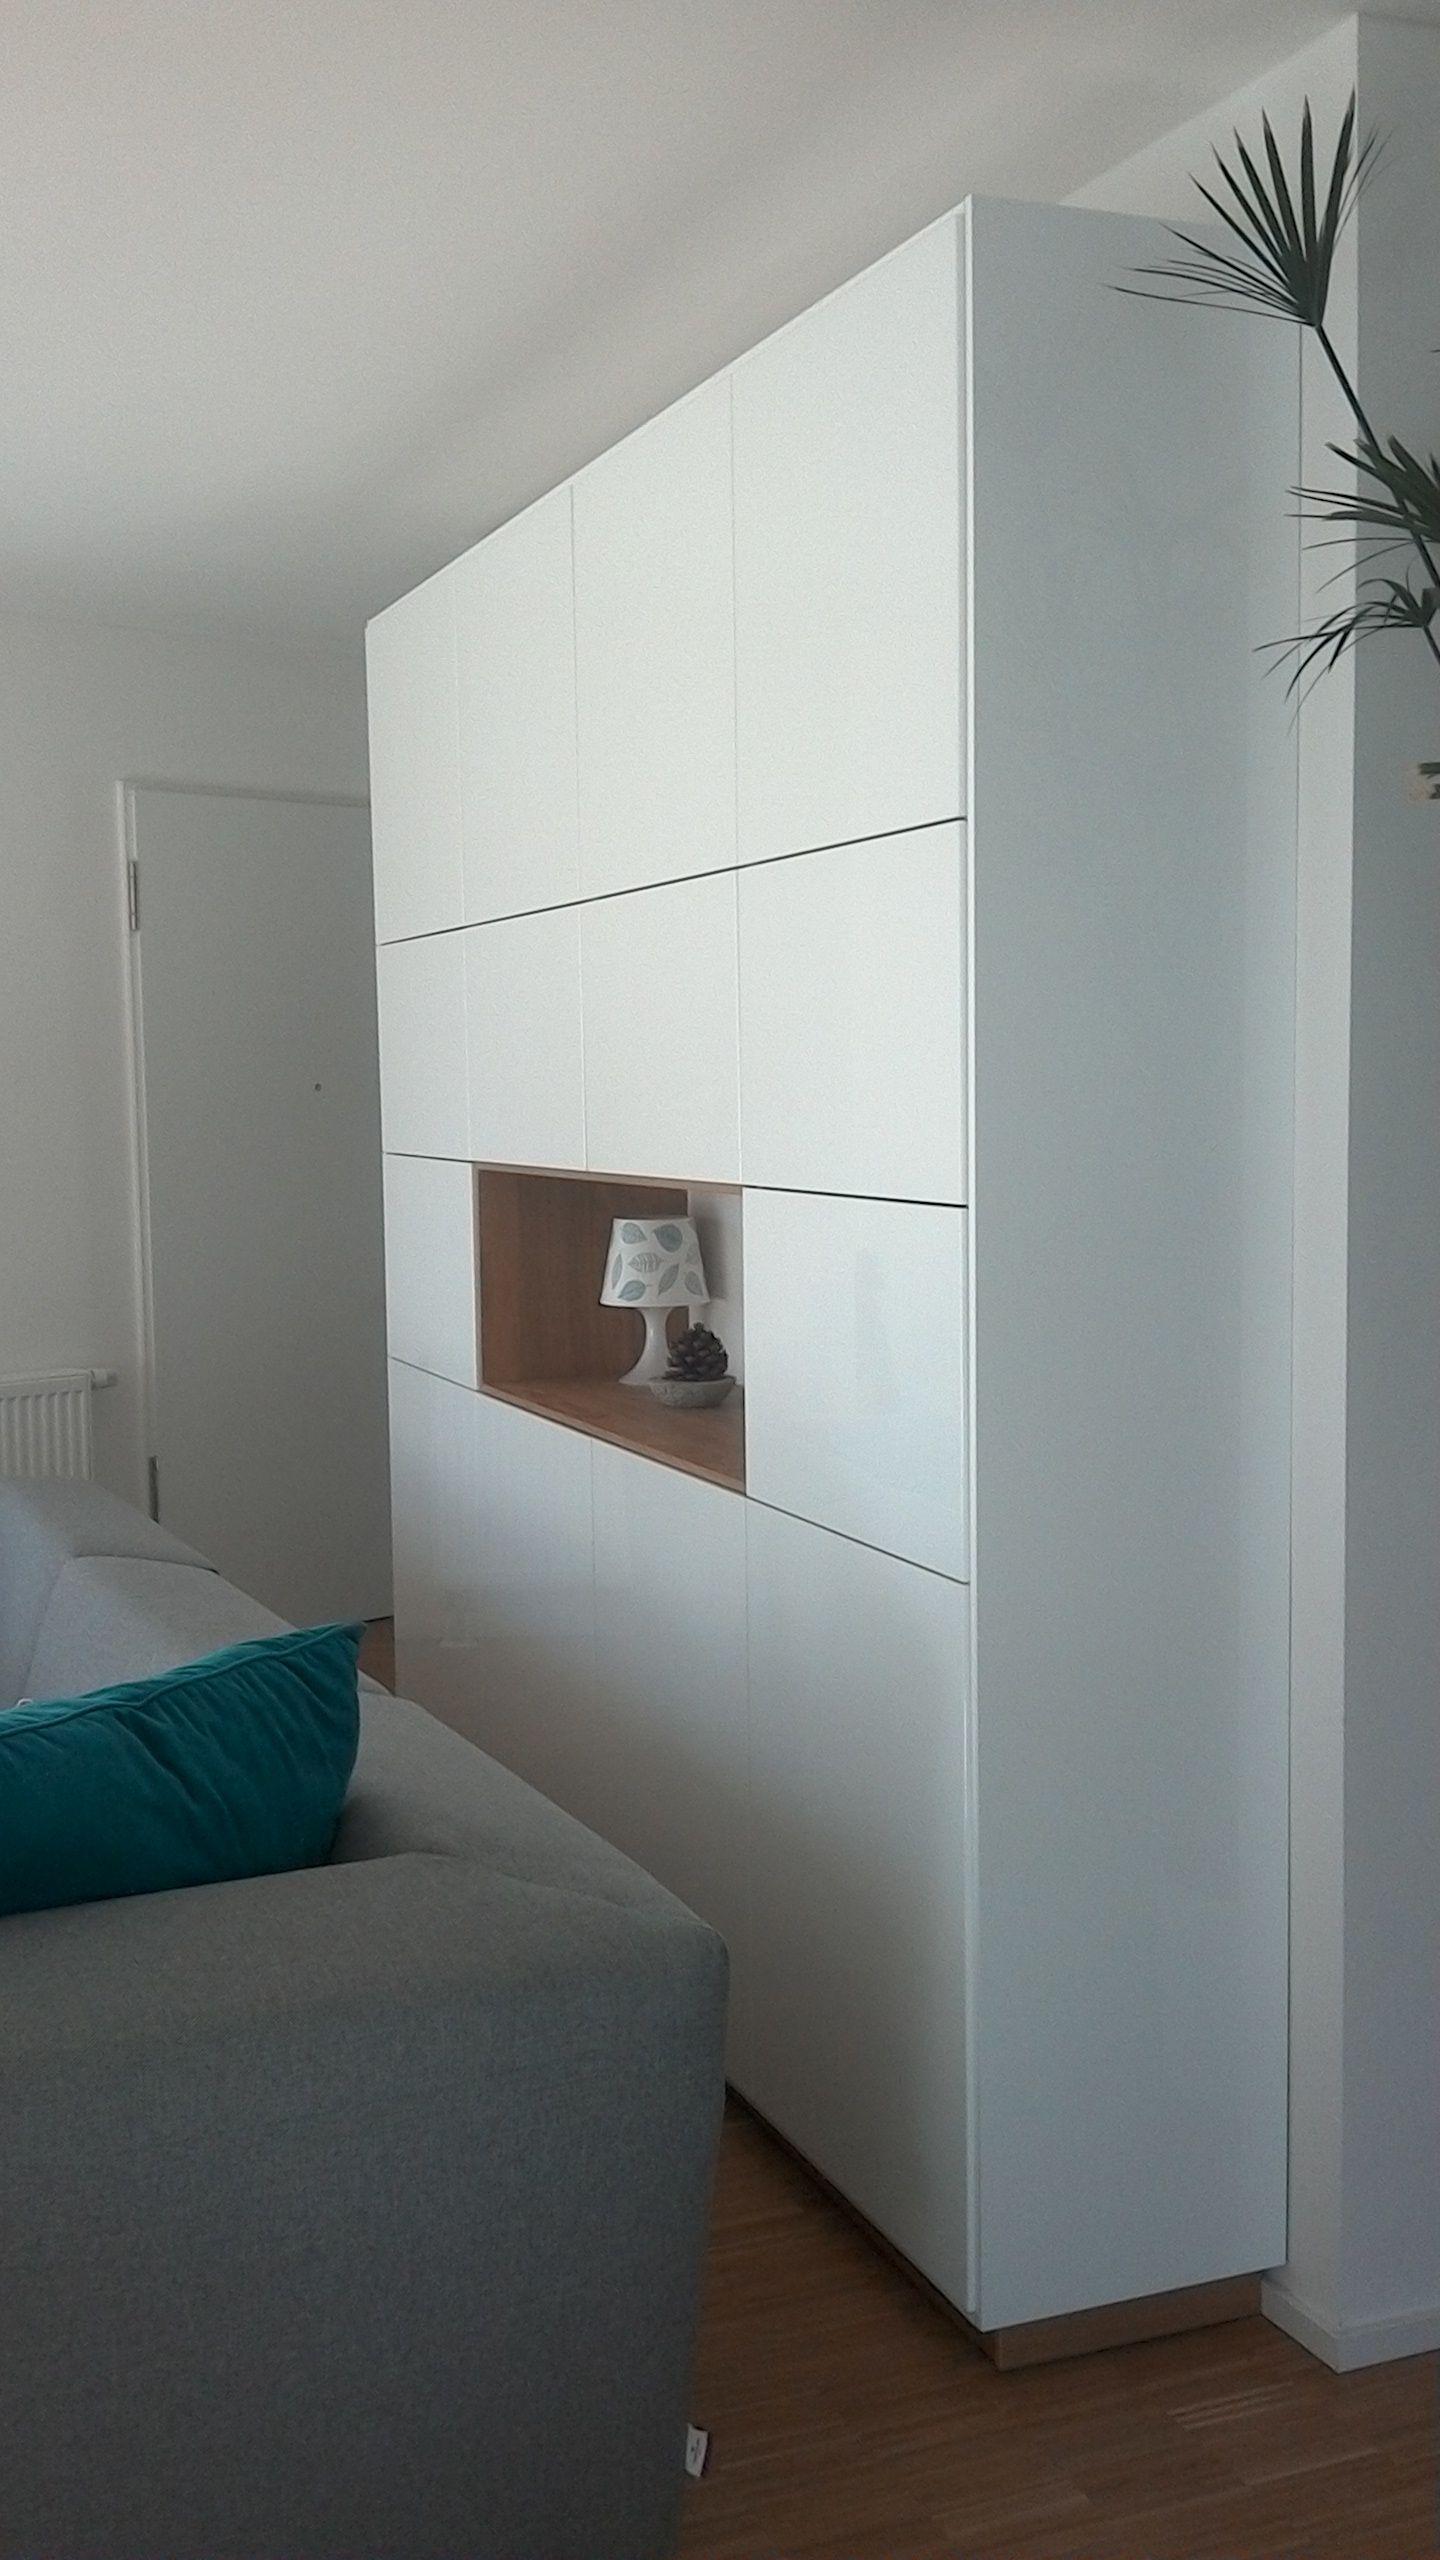 Full Size of Wohnzimmerschränke Ikea Method Ringhult Plus Hyttan Als Wohnzimmerschrank Sofa Mit Schlaffunktion Küche Kaufen Betten Bei Miniküche Modulküche 160x200 Wohnzimmer Wohnzimmerschränke Ikea